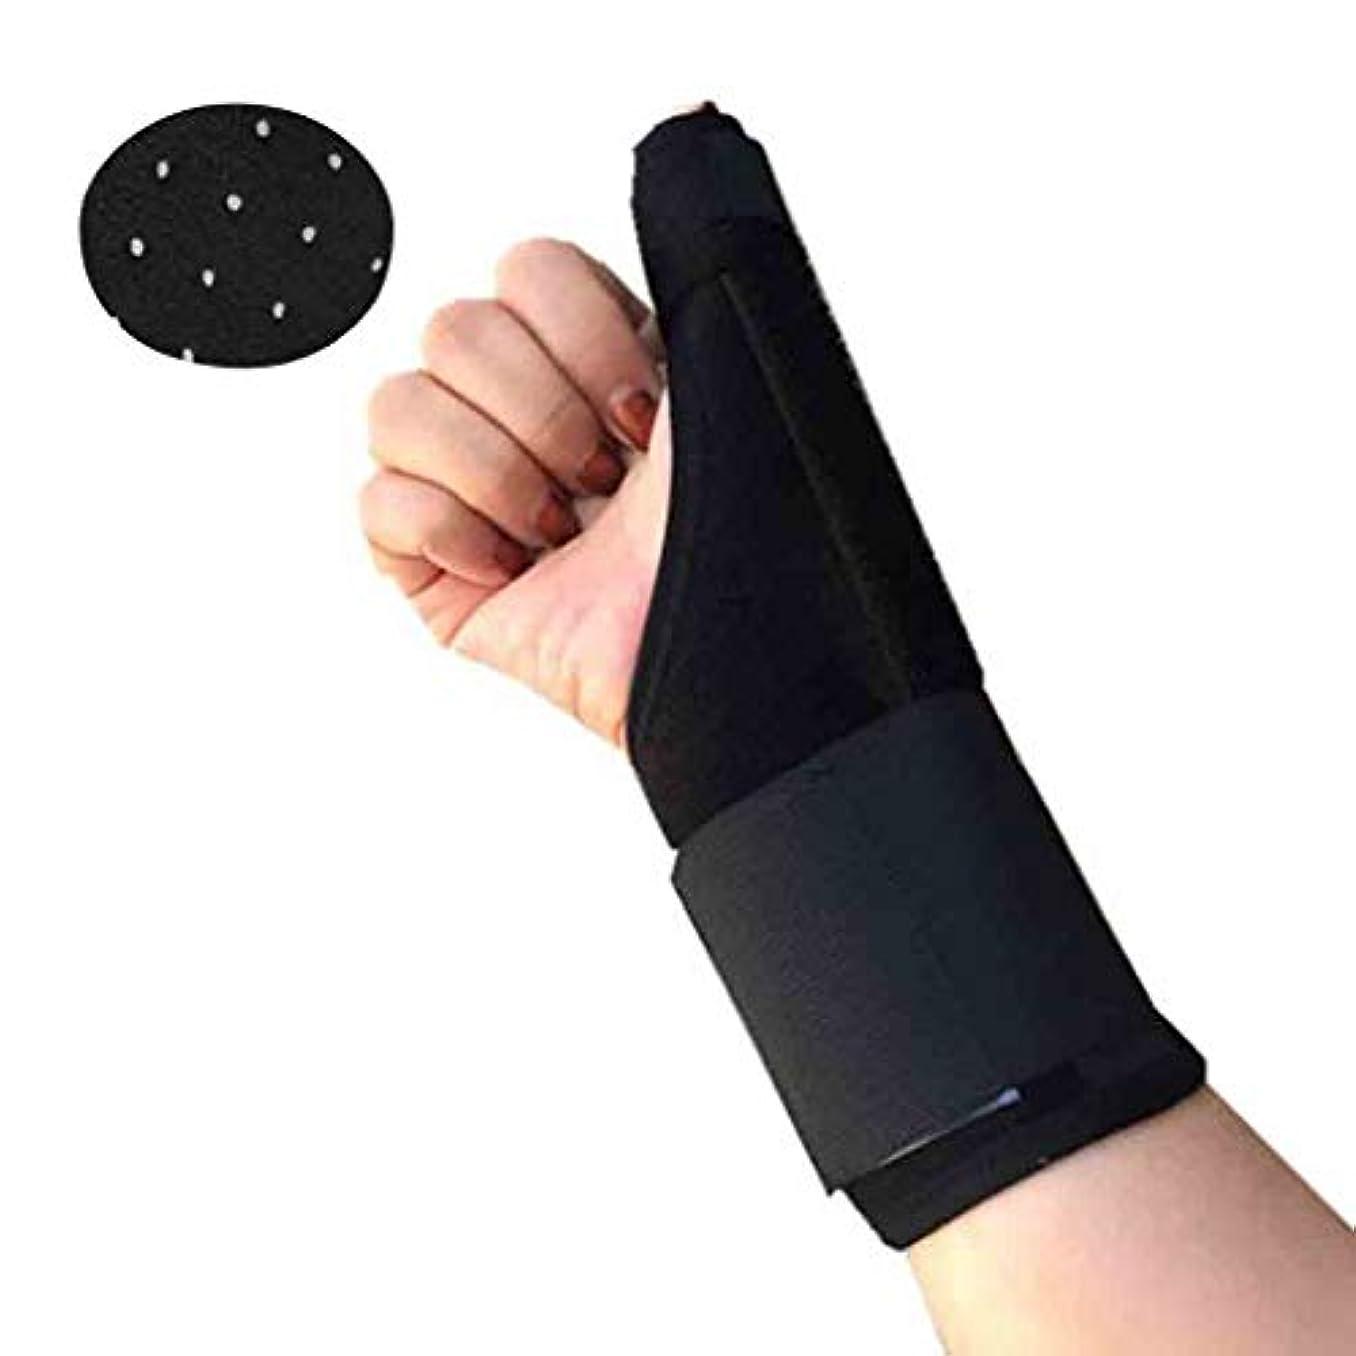 マカダム批判する落ち着かない関節炎のThumbスプリントは、手根管トンネルのThumb関節Thumbブレースを固定する手首の痛みの救済は、右手と左手の両方にフィット Roscloud@